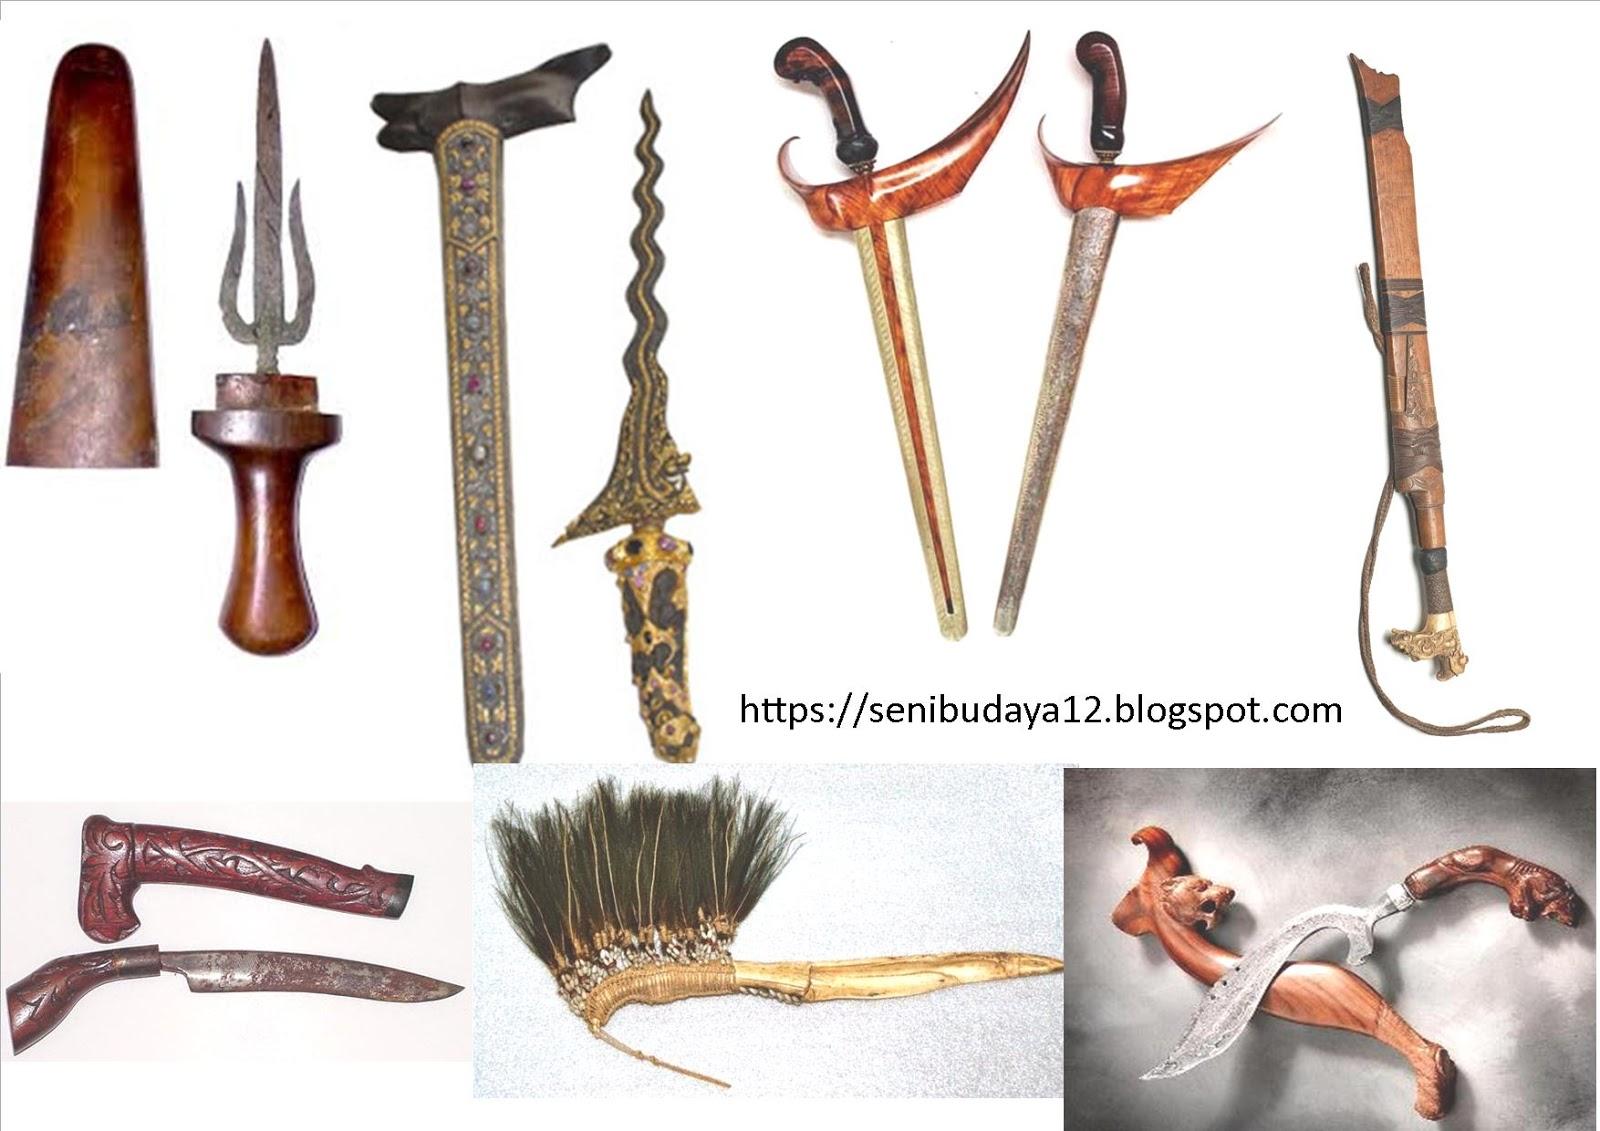 55 Gambar Senjata Tradisional Dari Jawa Timur Terbaru Riwayat Gallery